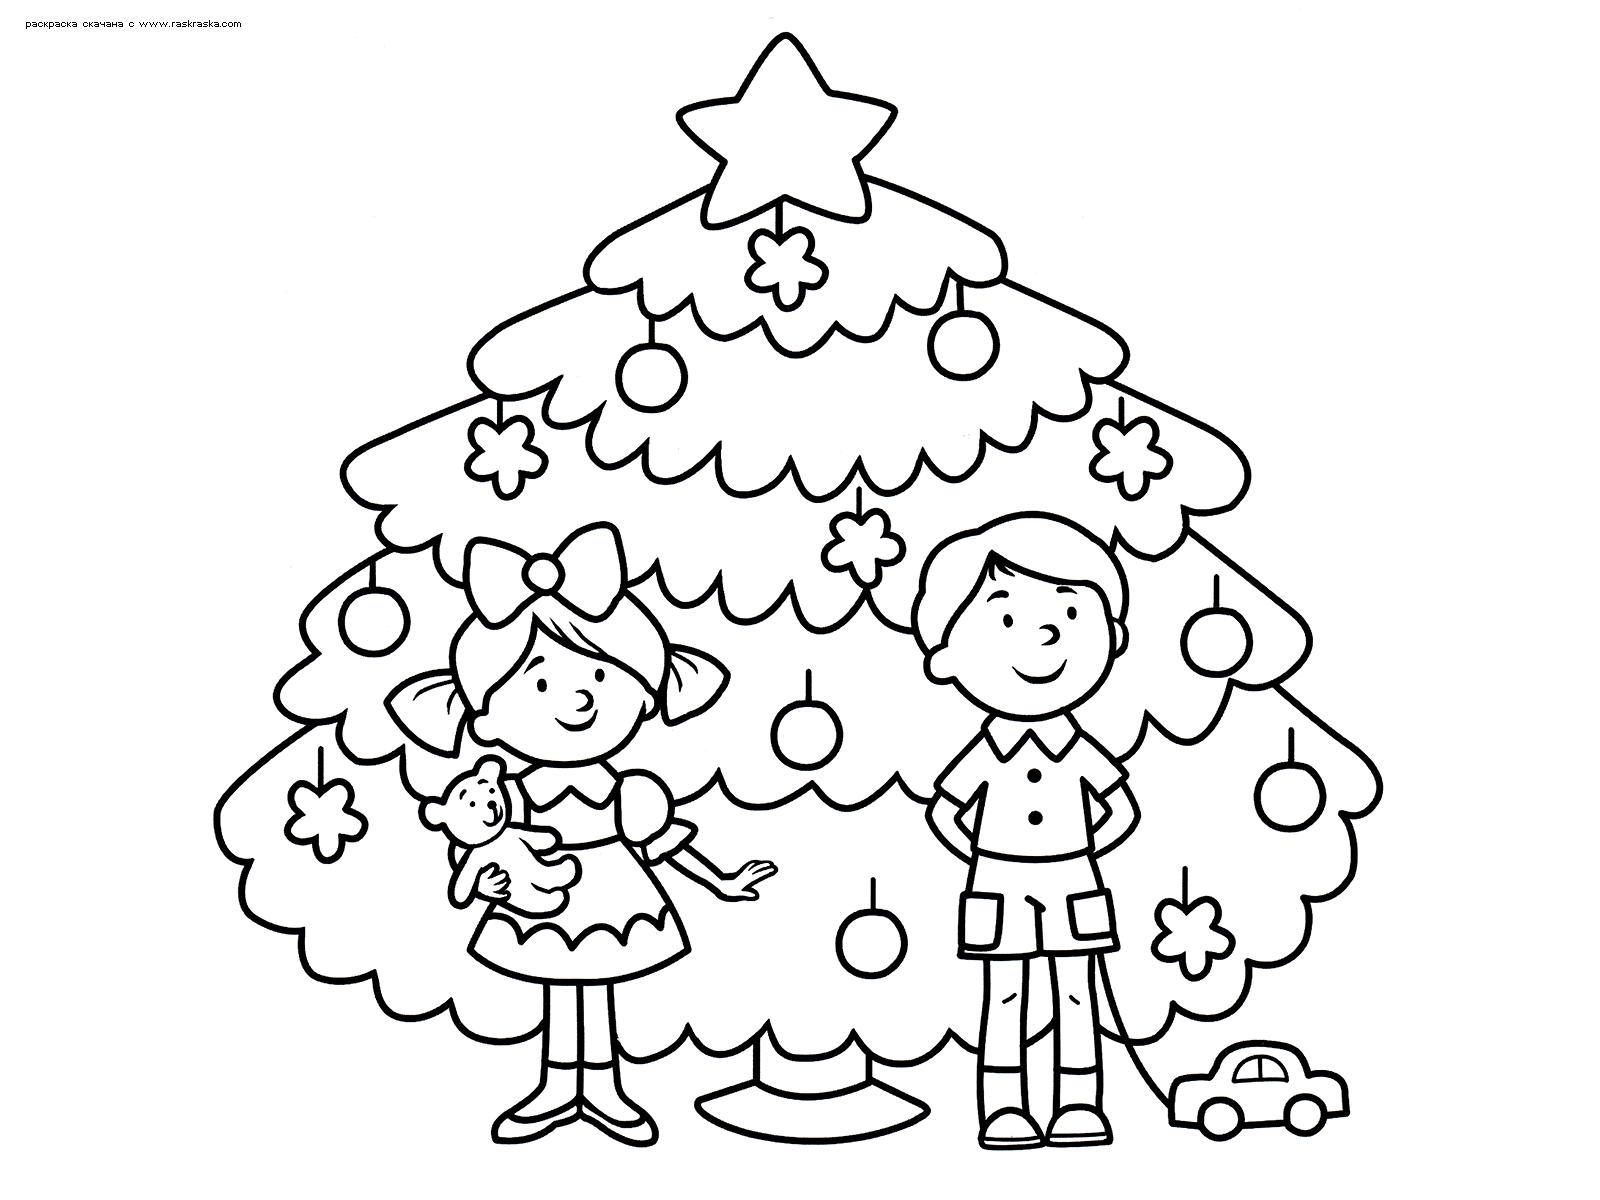 Раскраска Дети у елки. Раскраска елка, дети, подарки, новый год